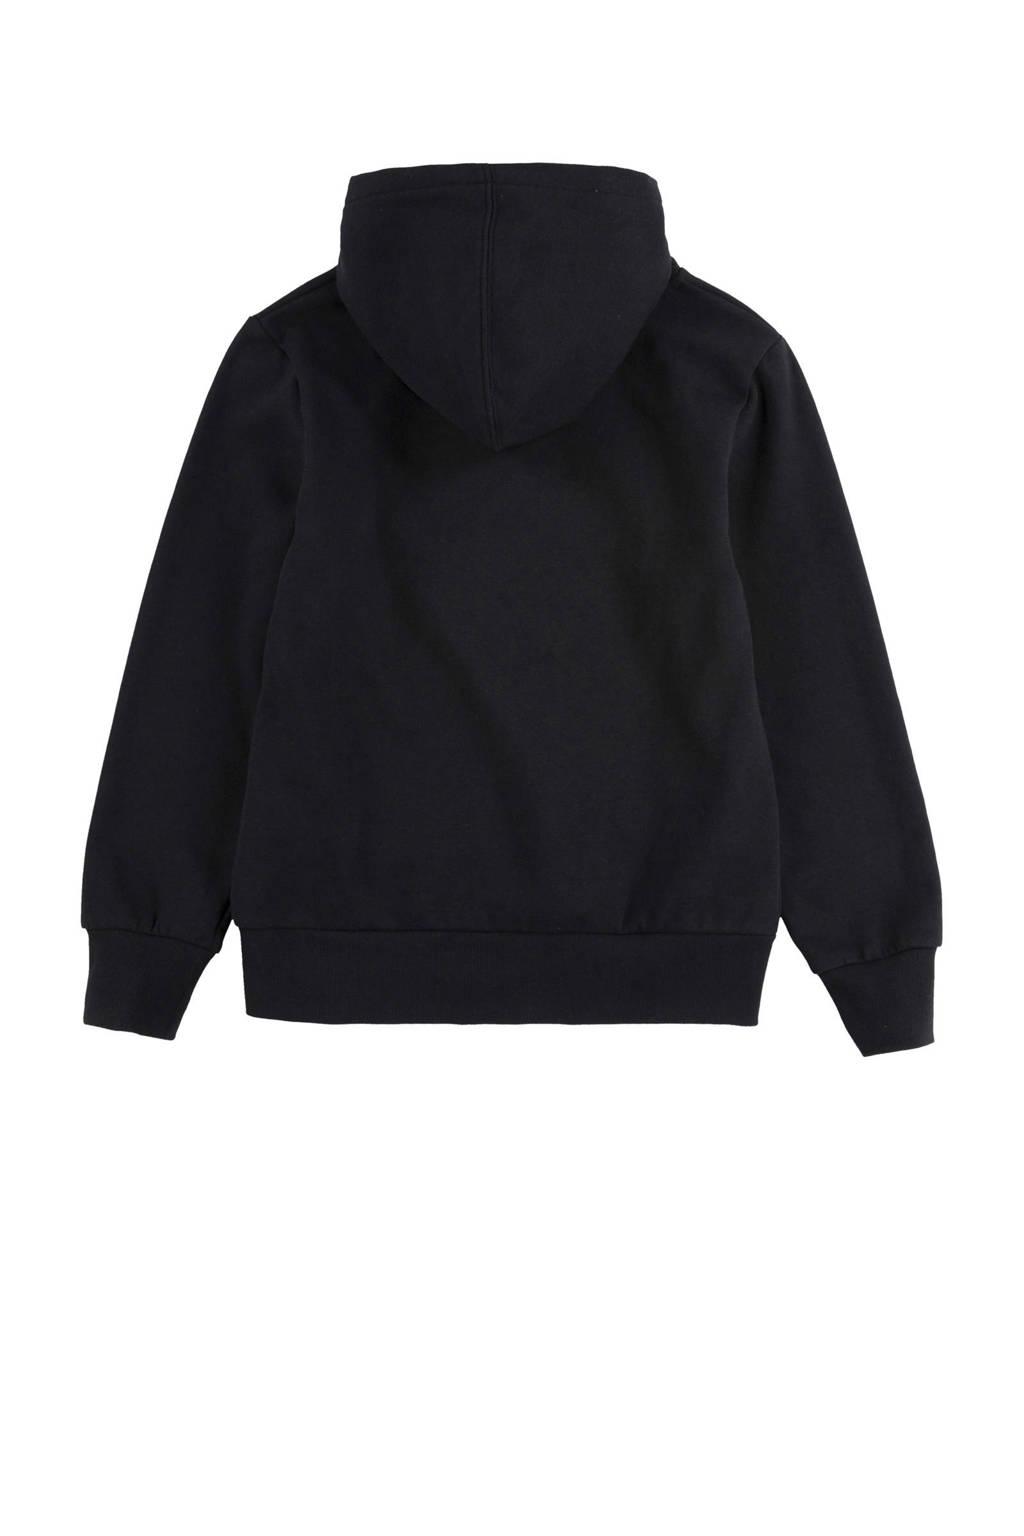 Levi's Kids hoodie Batwing met logo zwart/zilver, Zwart/zilver